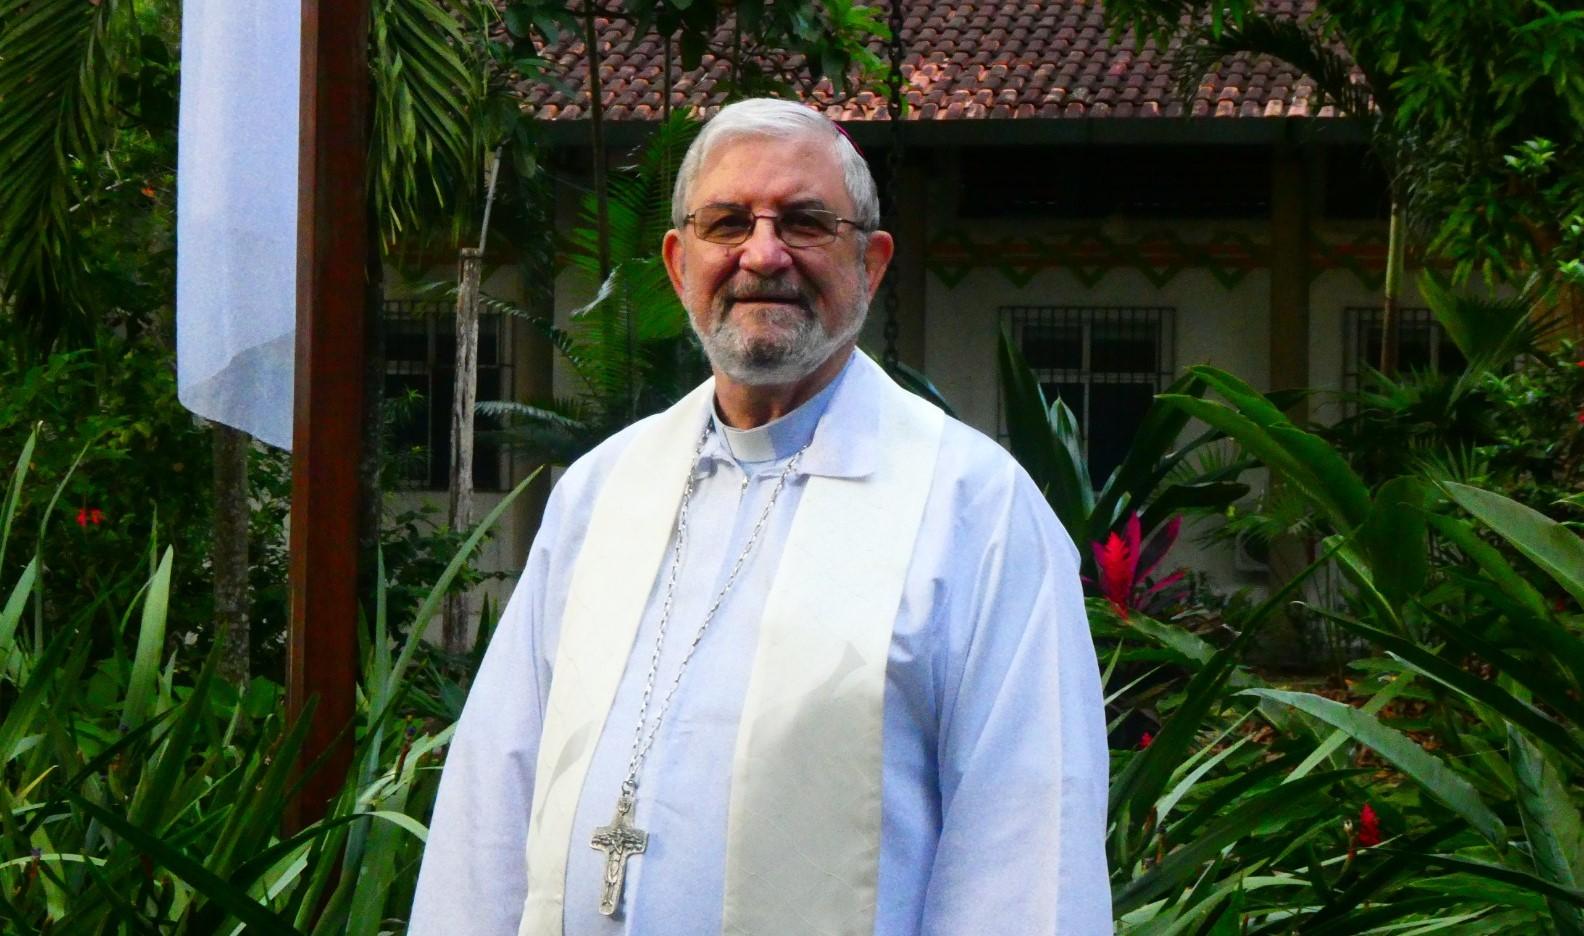 Mons. Adolfo Zon